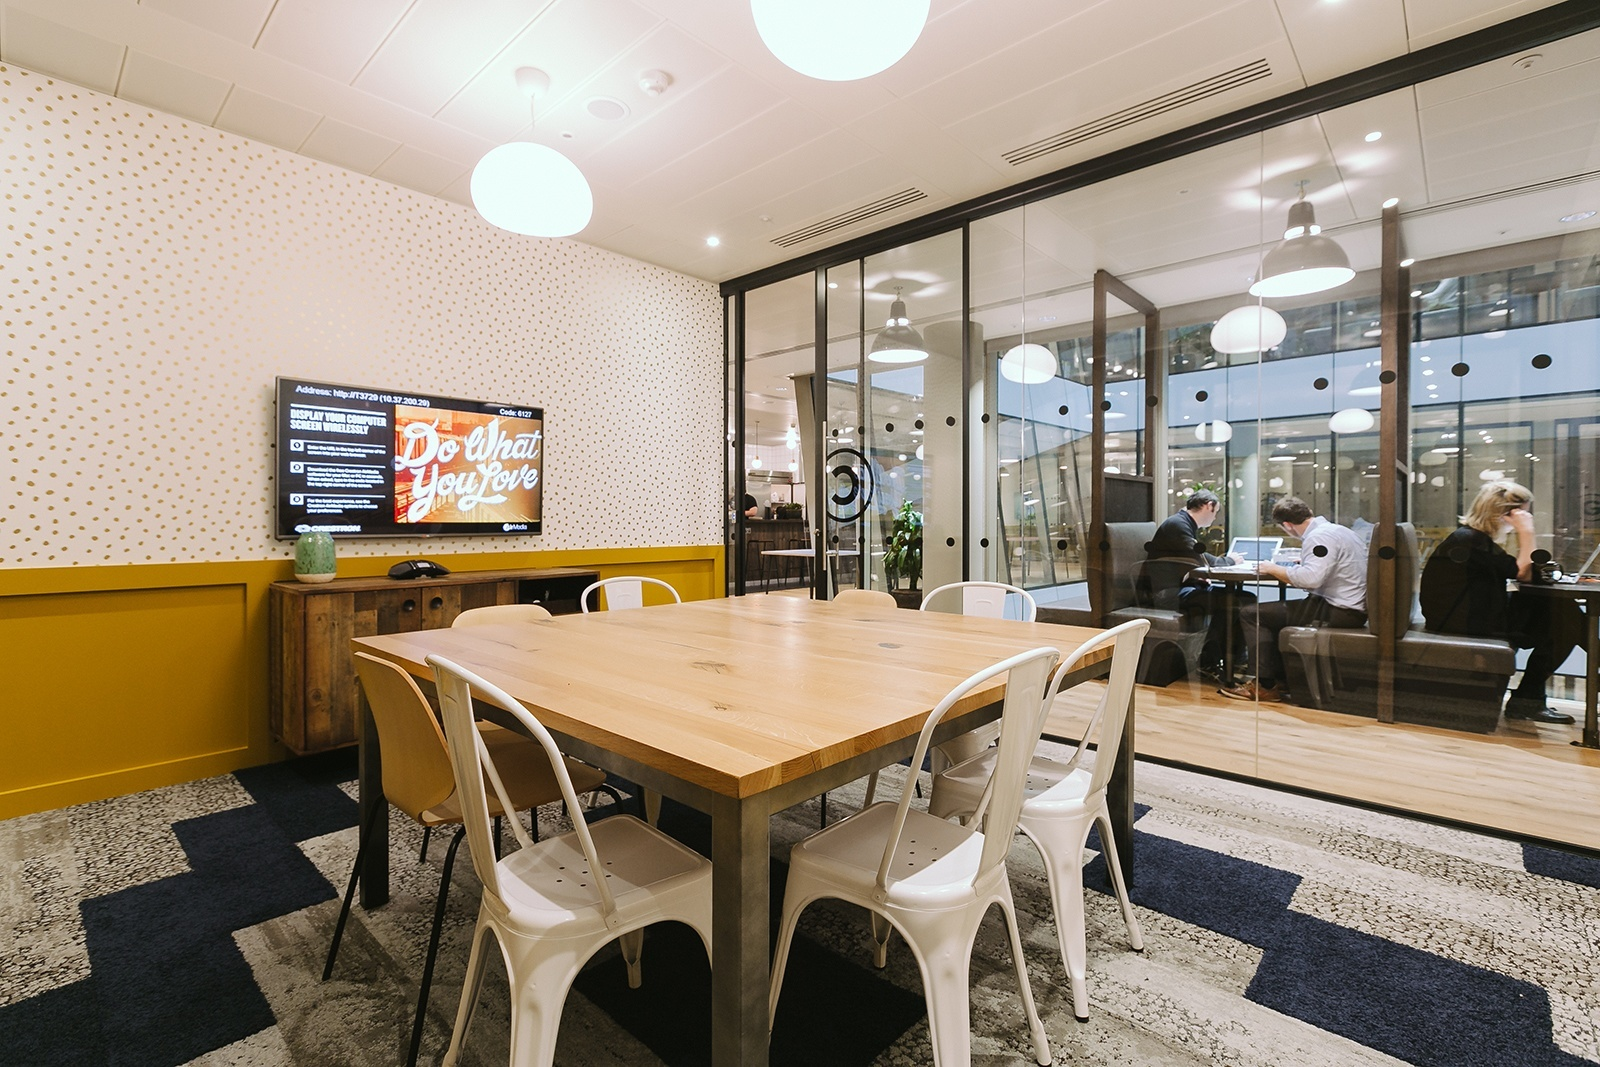 wework-moorgate-8 - A Look Inside WeWork's Moorgate Coworking Space